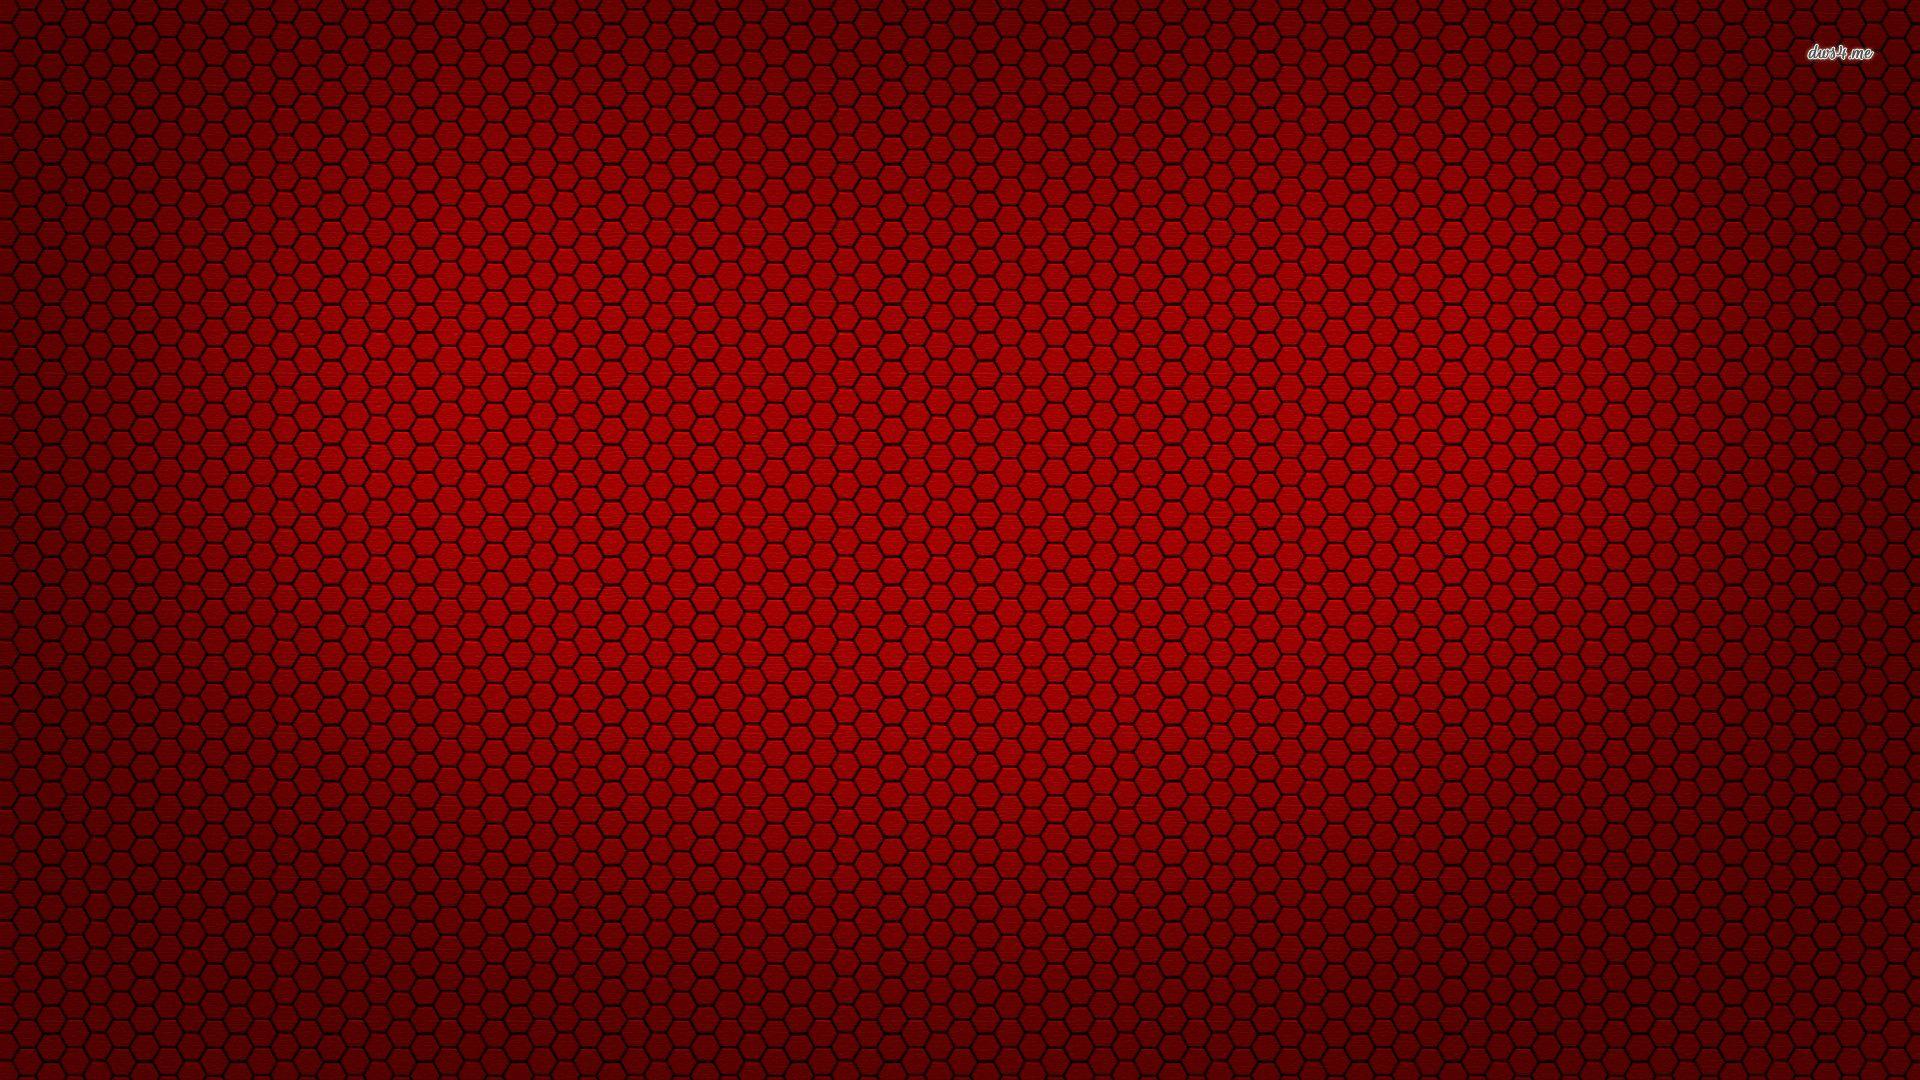 carbon fiber wallpaper hd